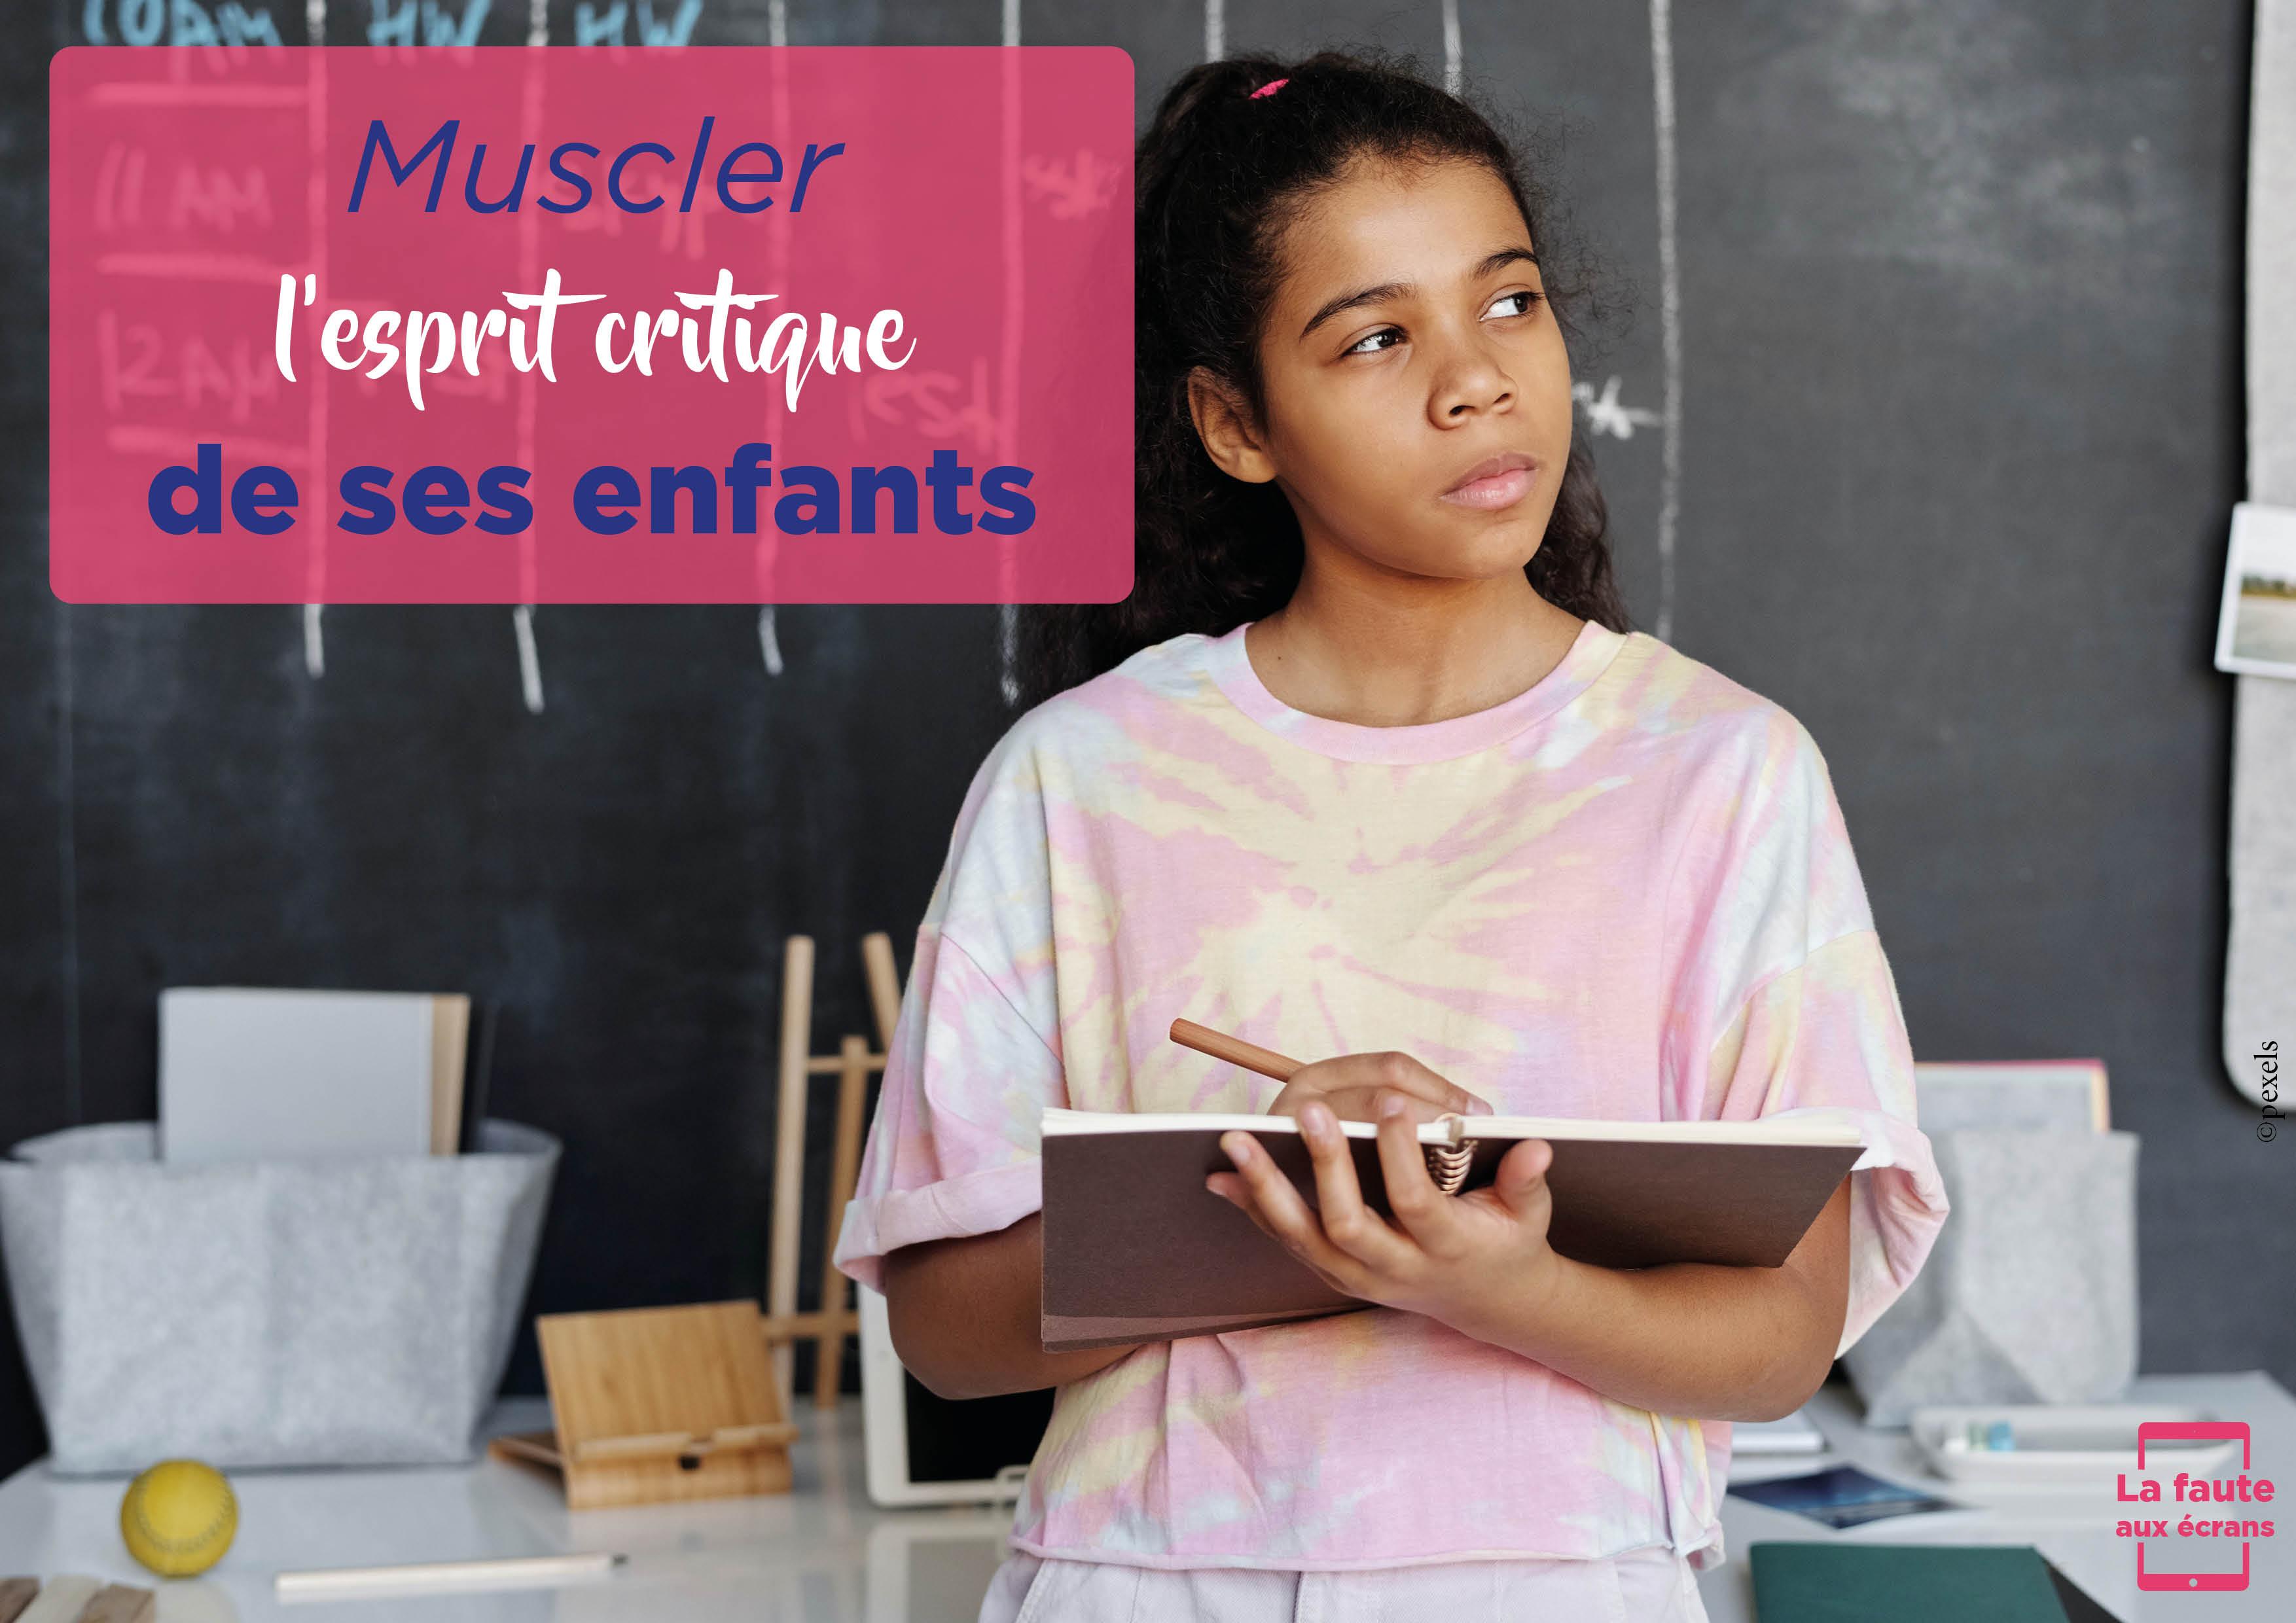 Muscler l'esprit critique de ses enfants